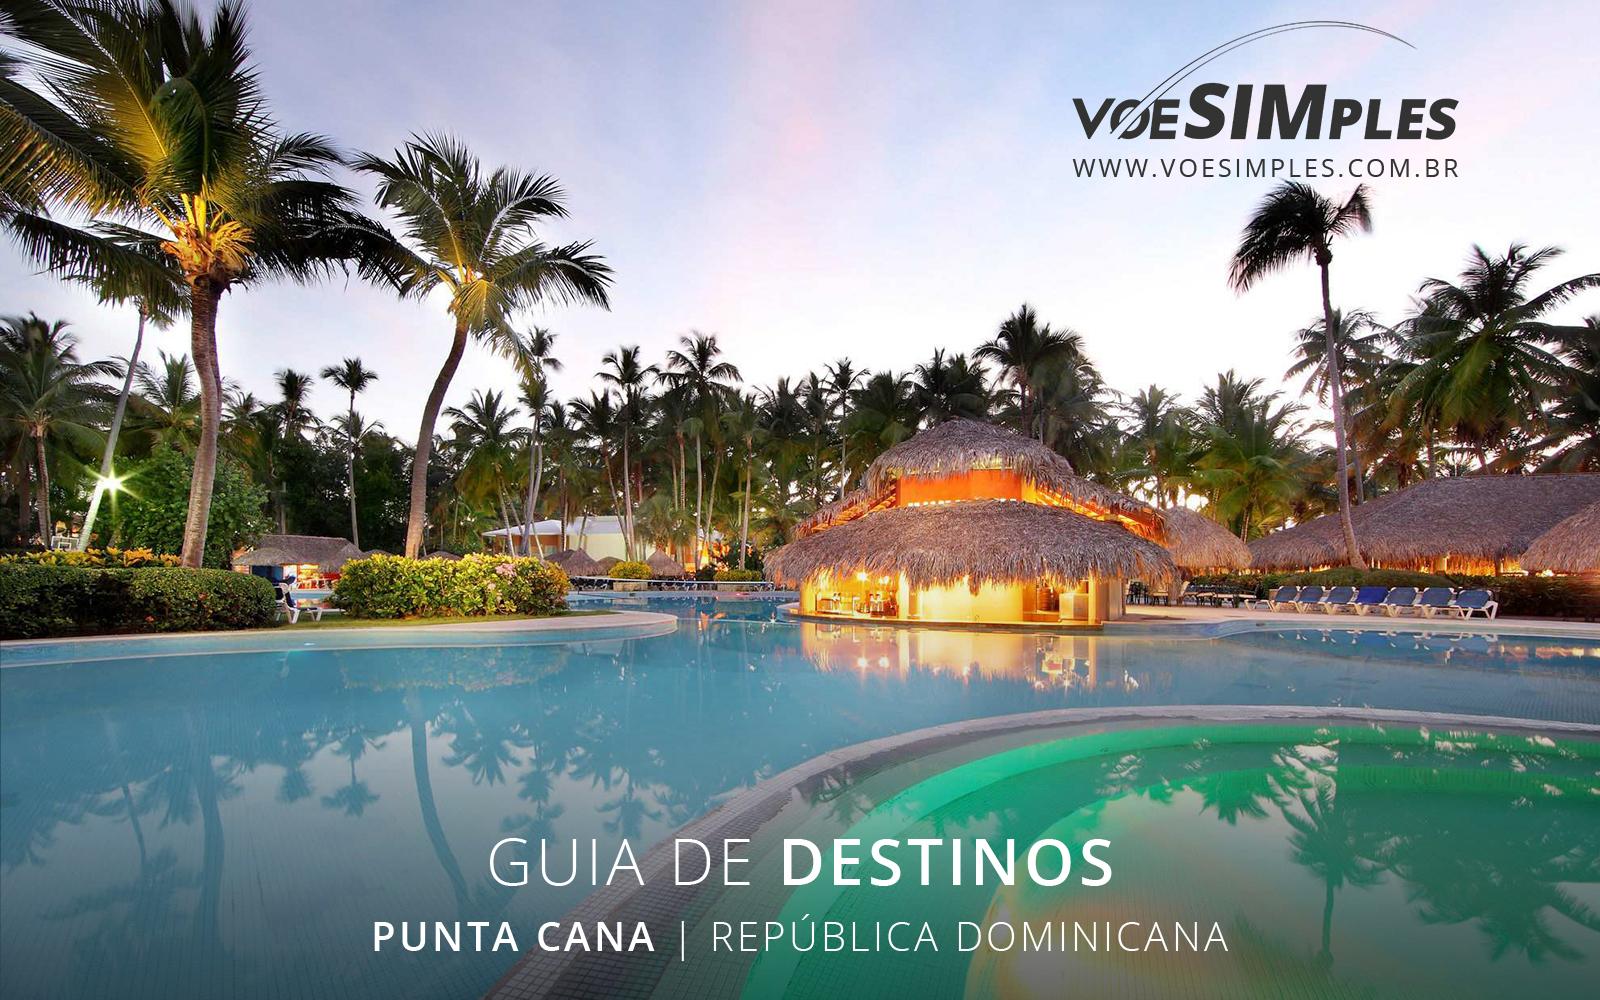 fotos-guia-destinos-voe-simples-punta-cana-caribe-guia-viagens-voesimples-punta-cana-caribe-pontos-turisticos-punta-cana-caribe-fotos-punta-cana-06@2x